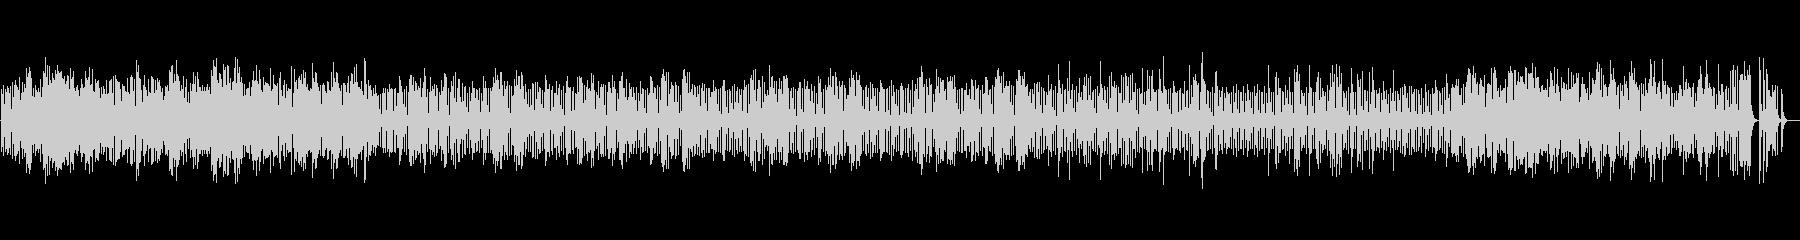 ショパン夜想曲1番のオルゴールの未再生の波形